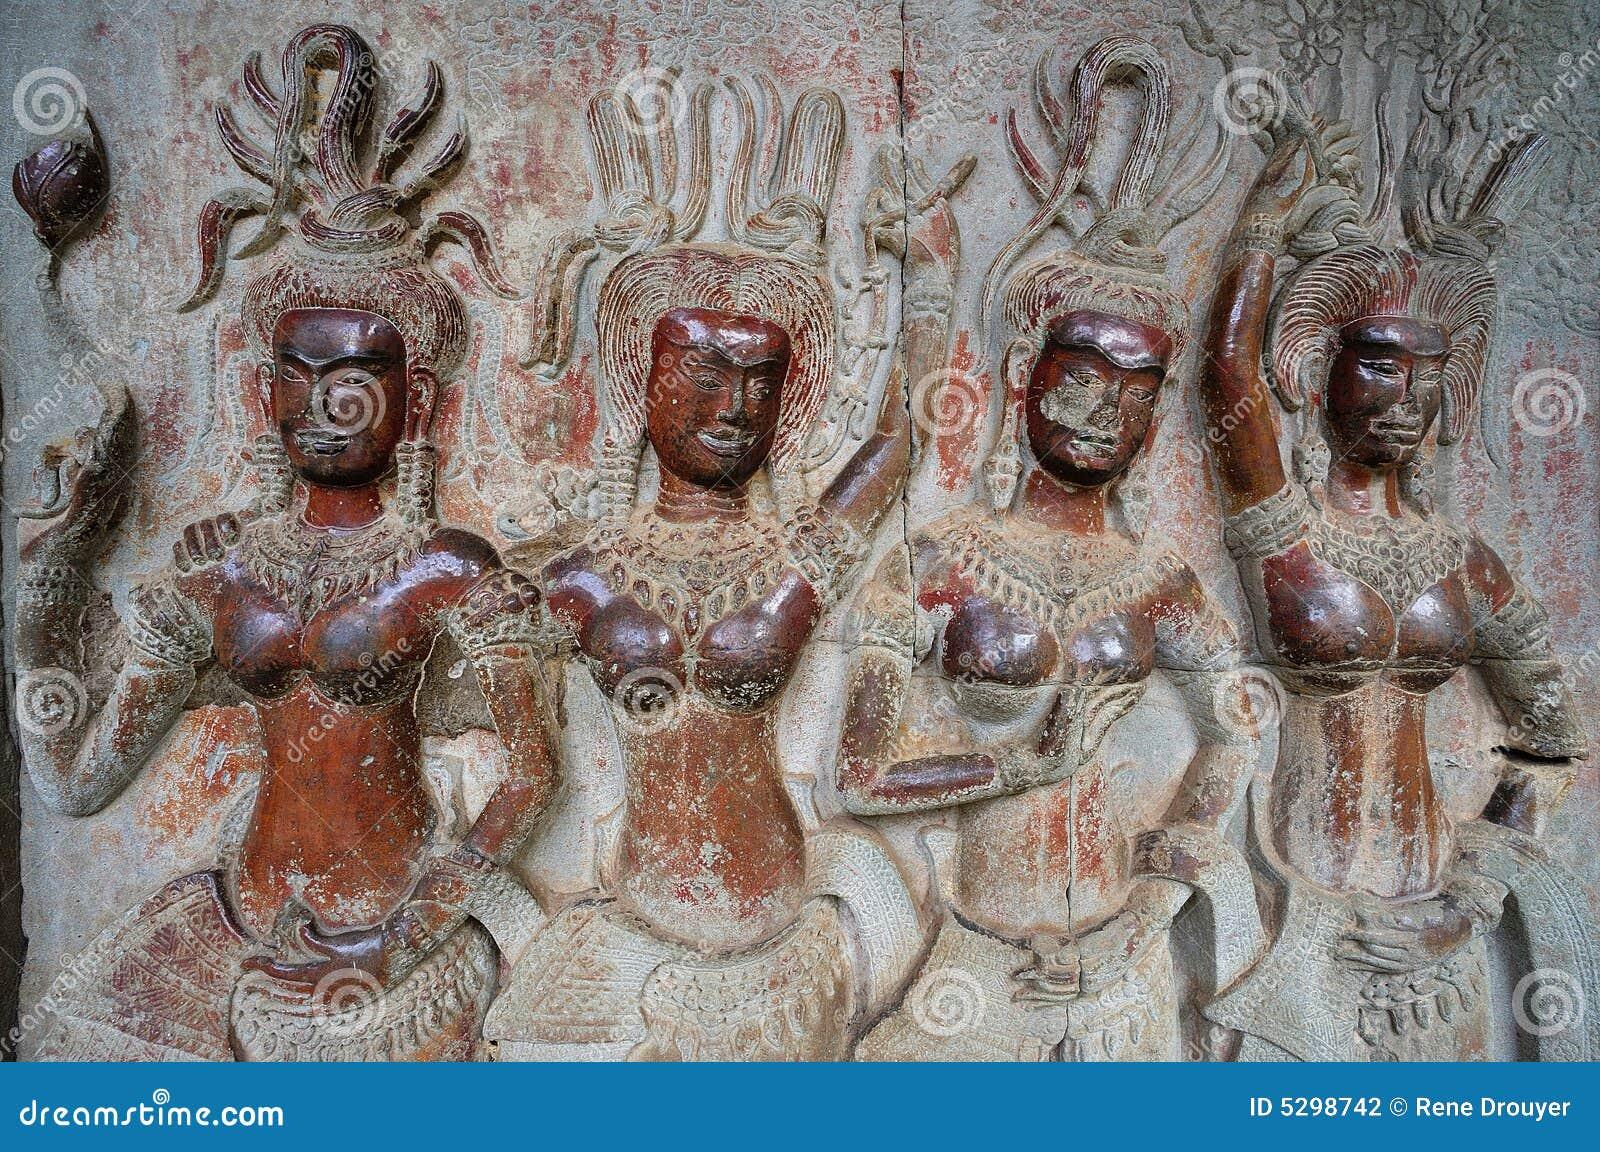 Kambodscha; Angkor Wat; apsara